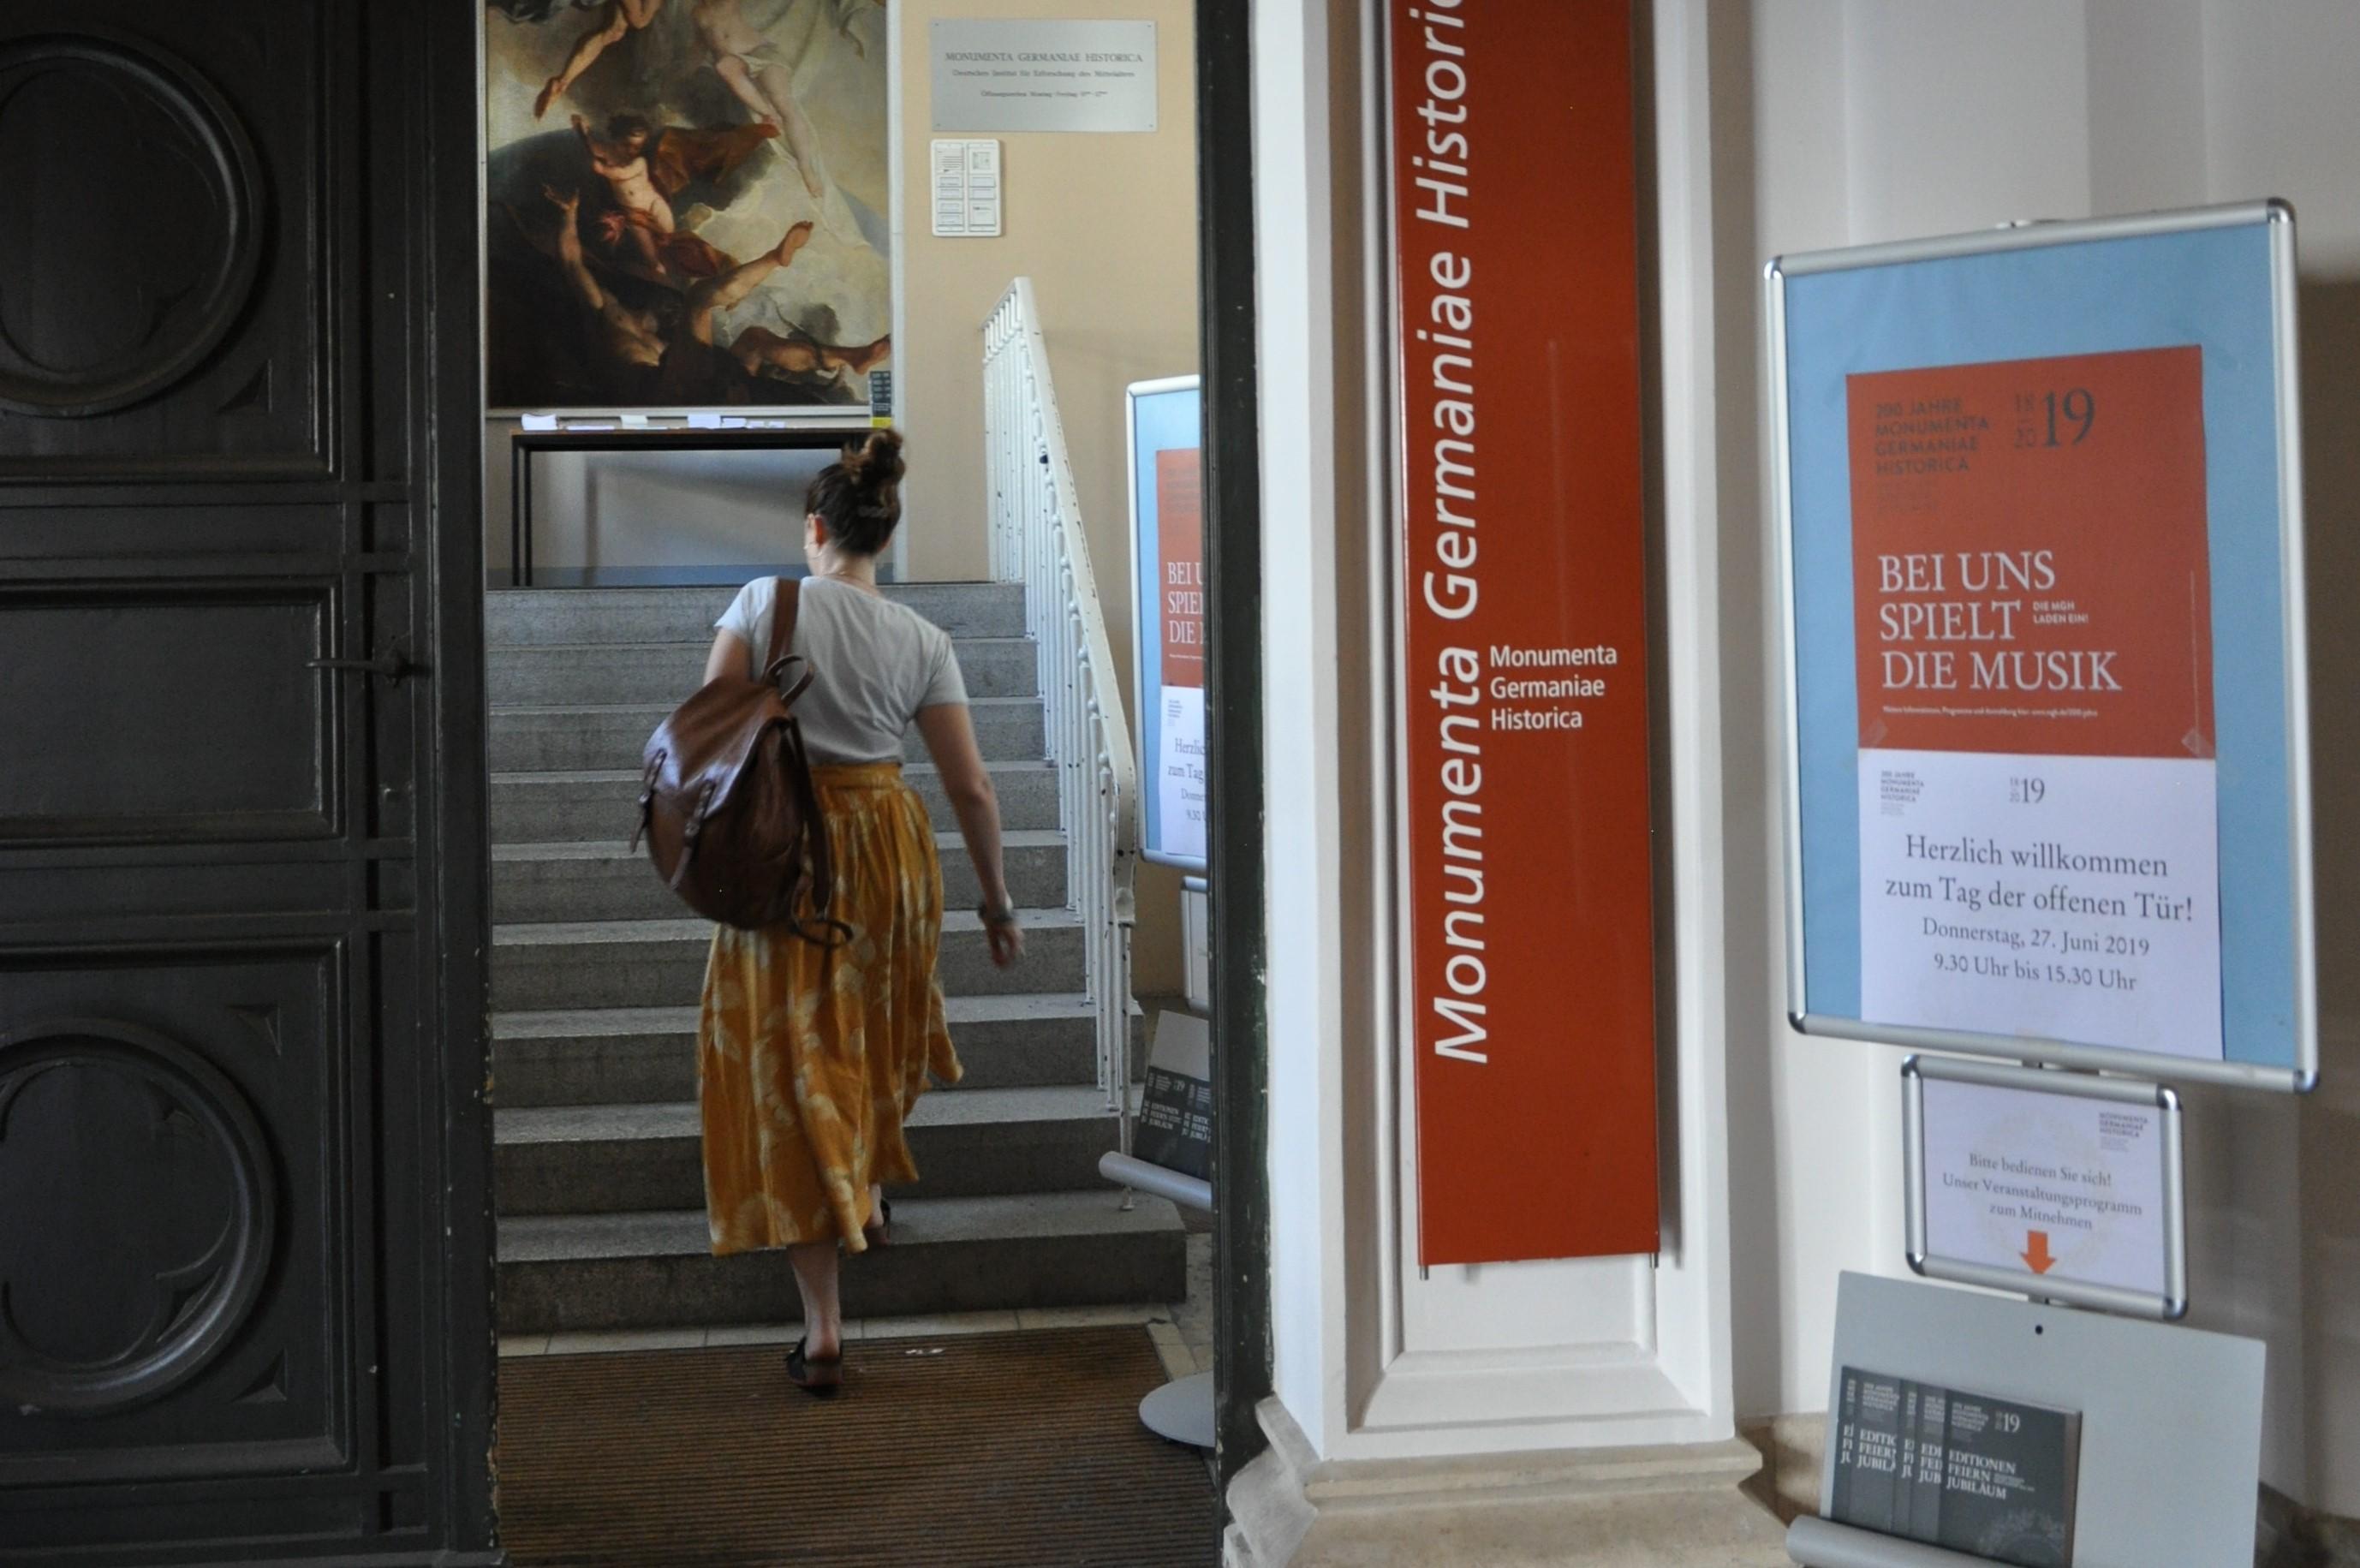 Tag der offenen Tür im Münchner Institut: Alles ist bereit für die Besucher!